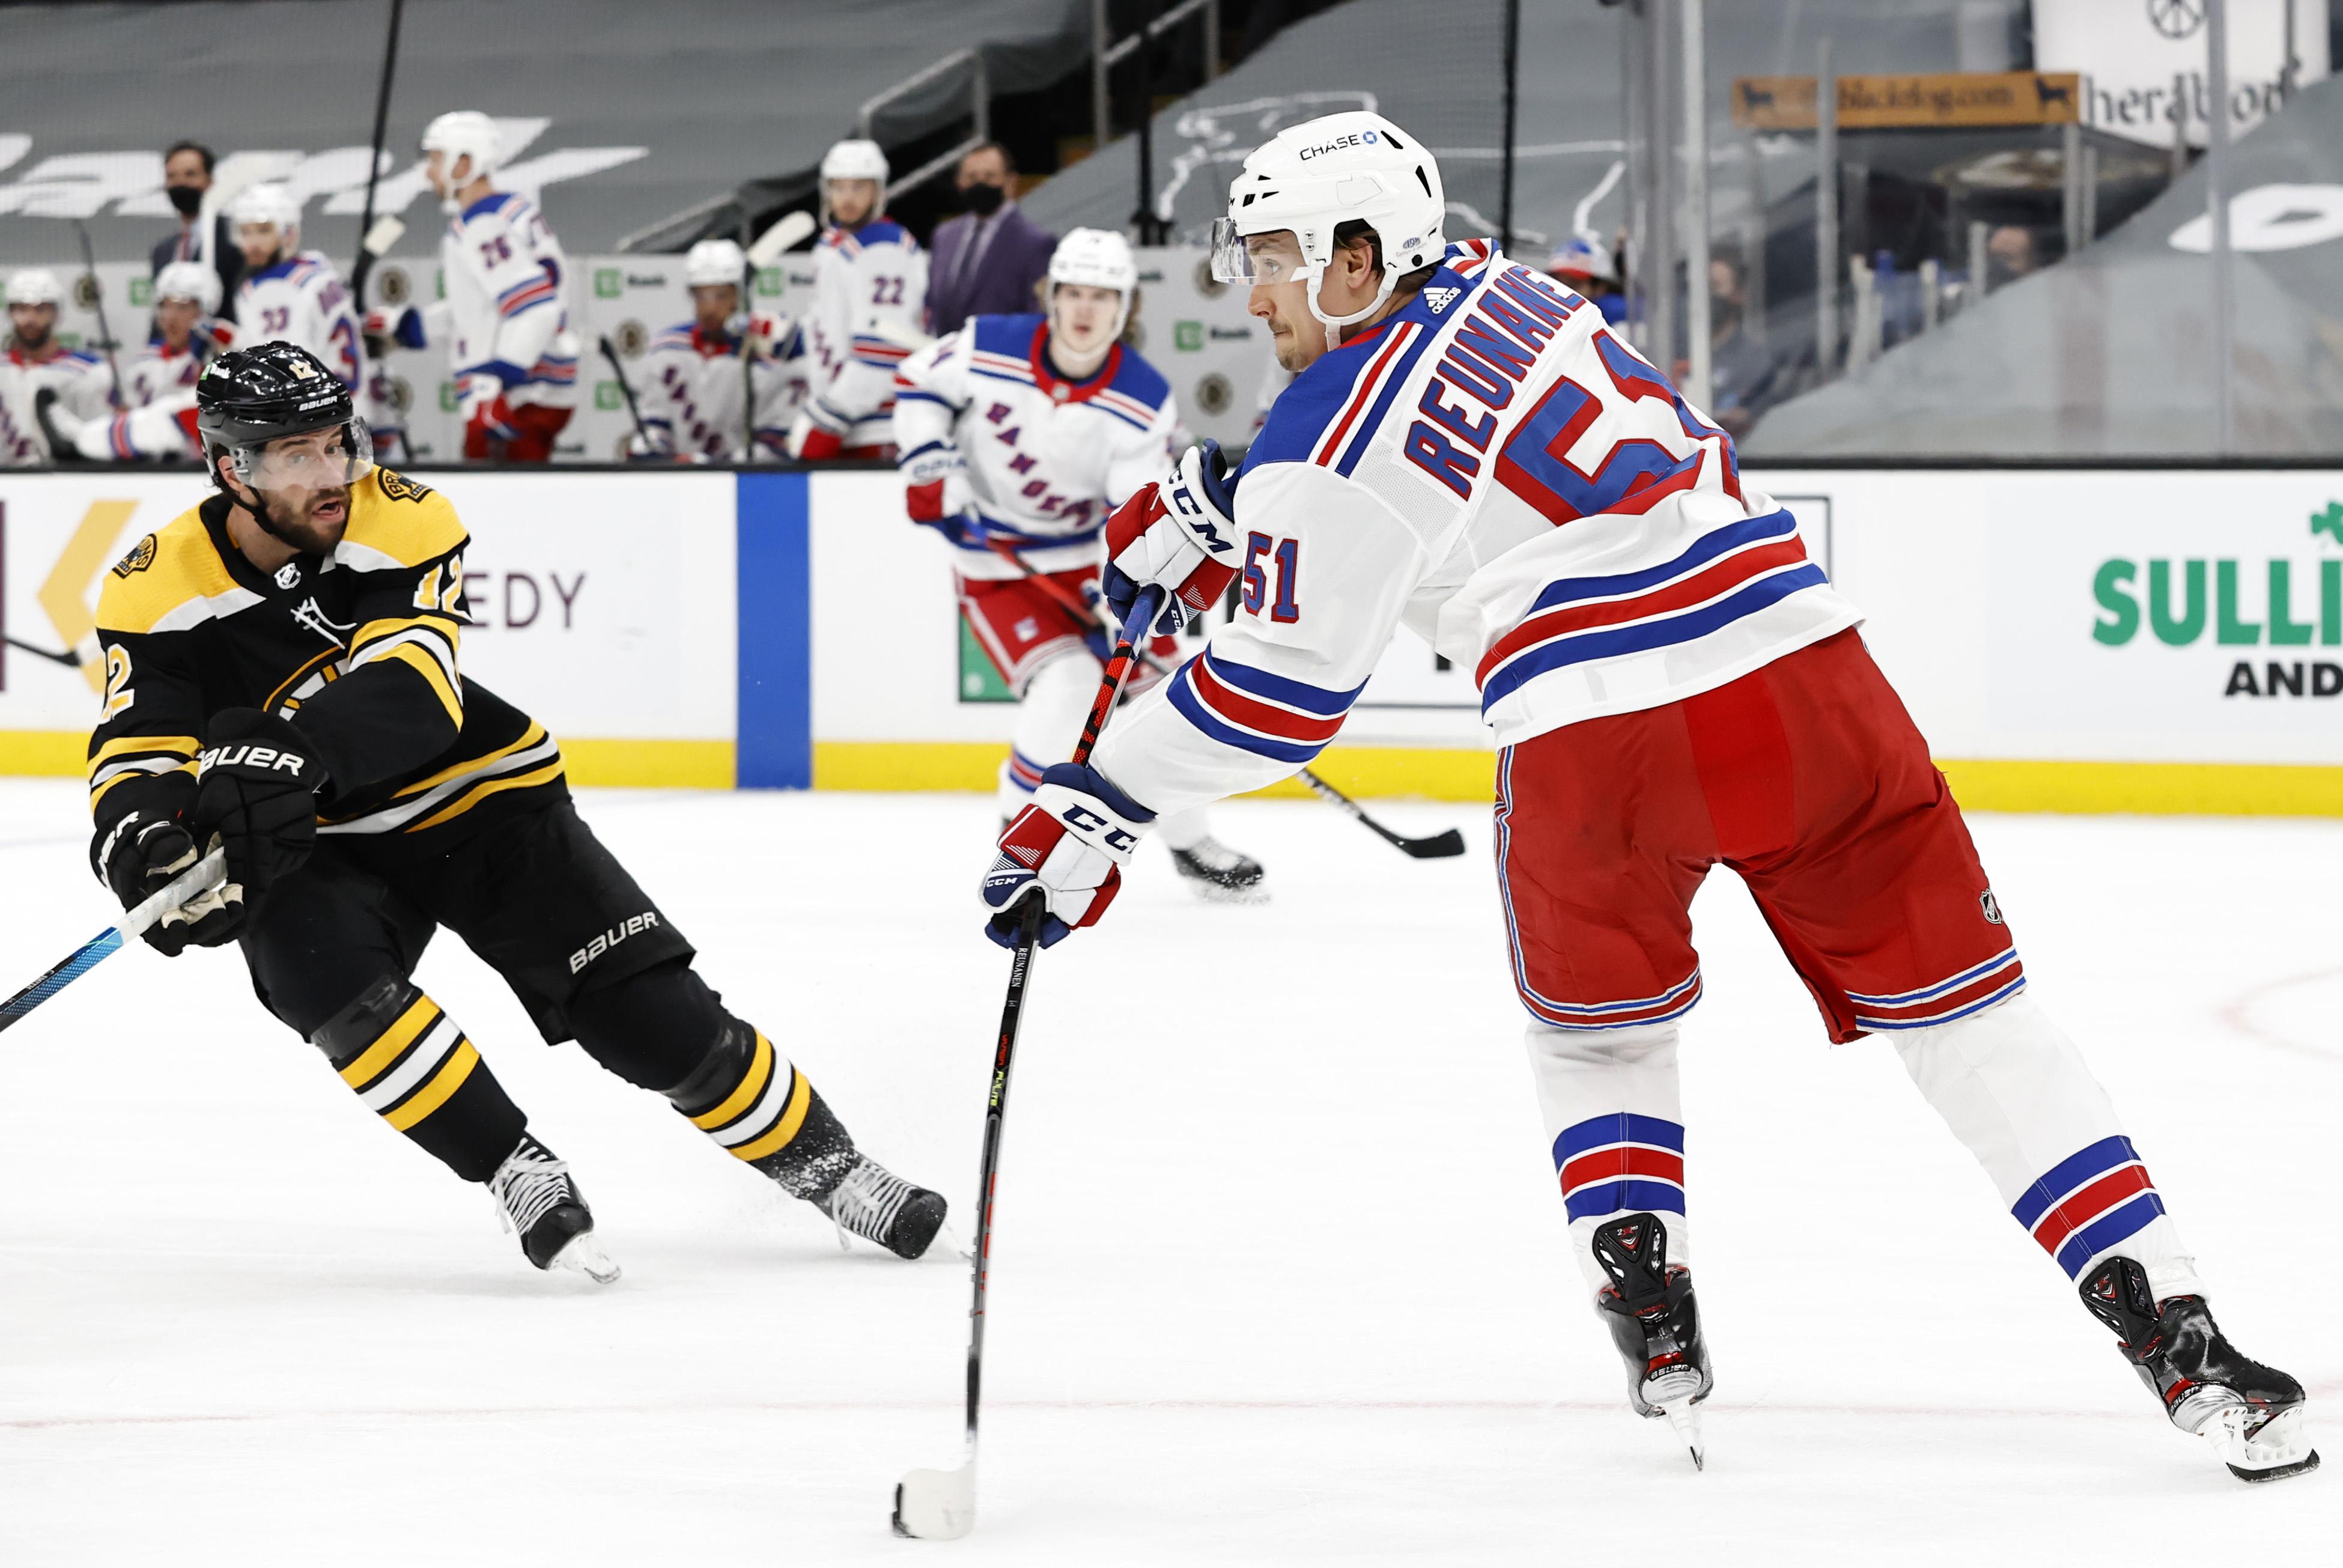 NHL: MAY 08 Rangers at Bruins